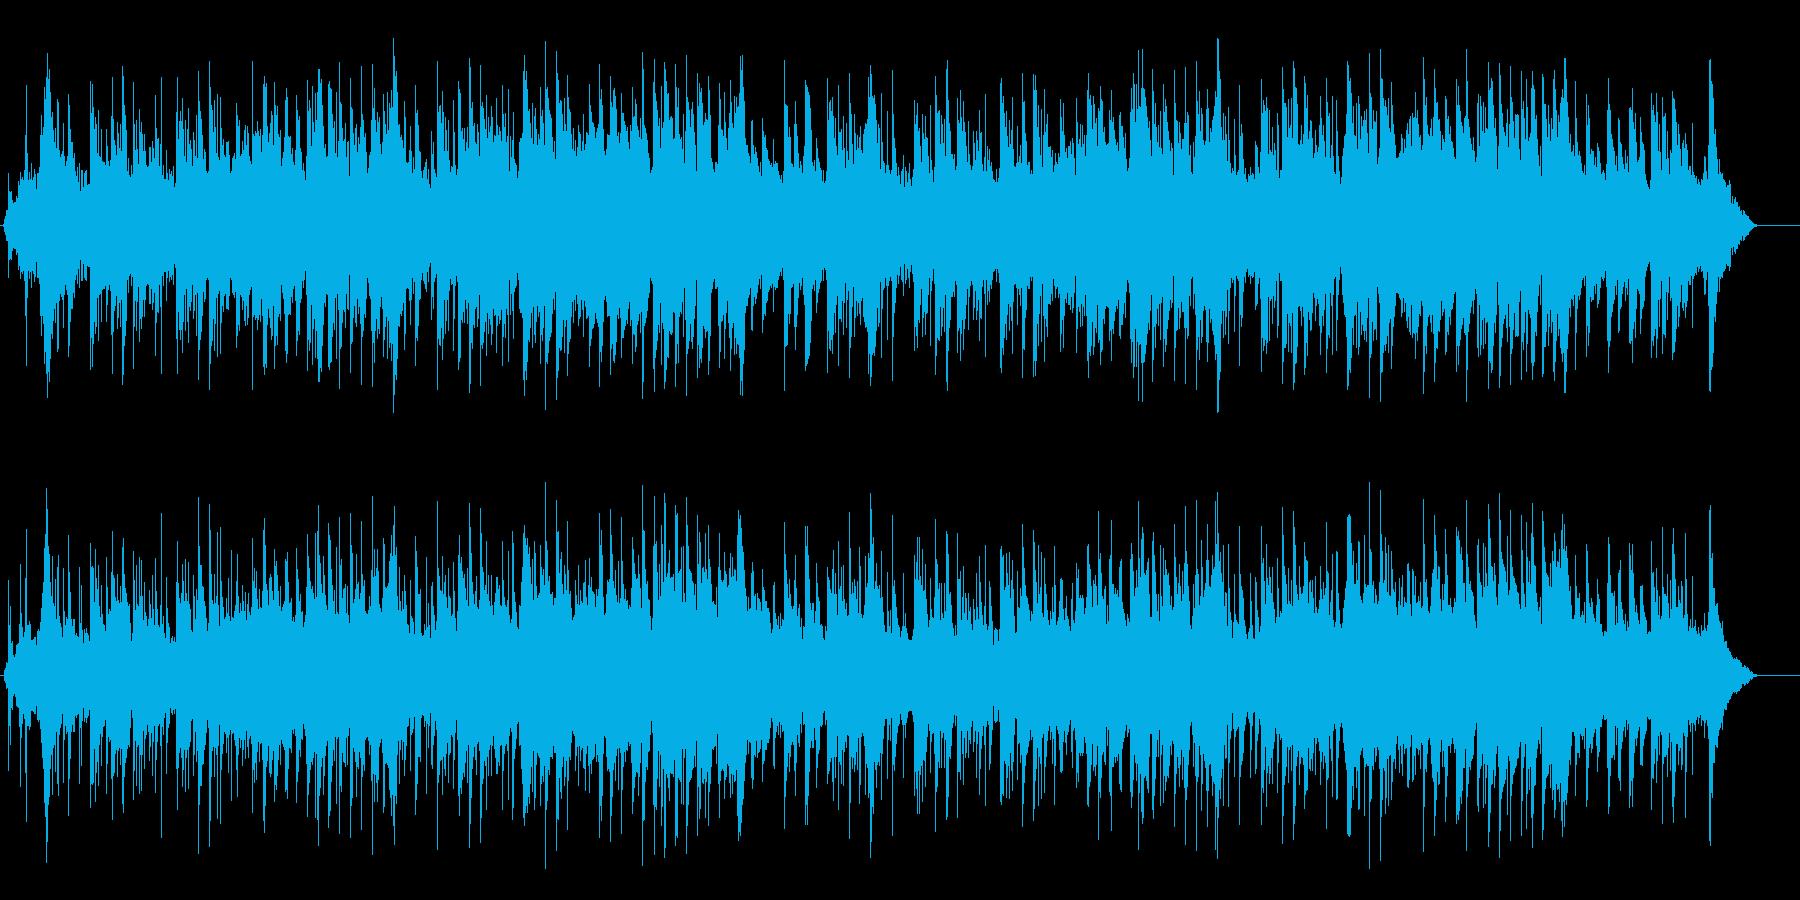 ゆったりとした和風/環境/ニューエイジの再生済みの波形